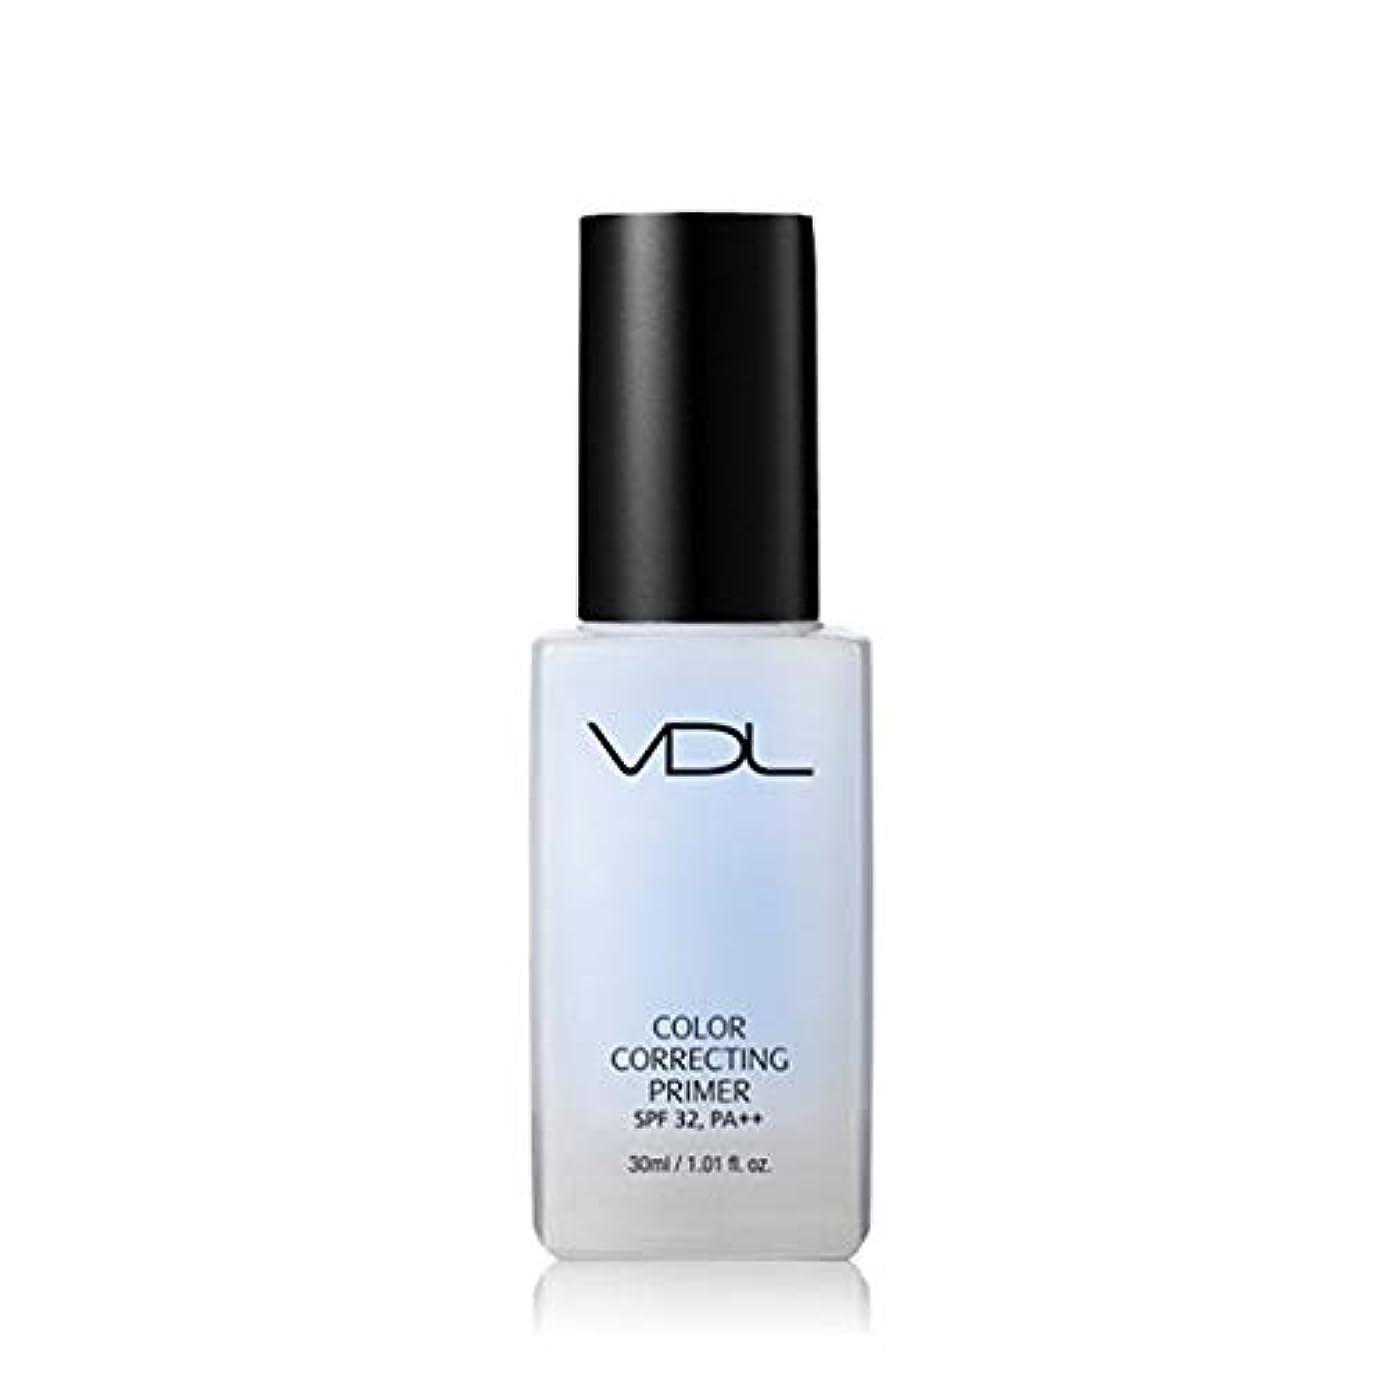 個人的な感情寸法VDLカラーコレクティンプライマー30ml 3カラーメイクアップベース、VDL Color Correcting Primer 30ml 3-Colors Make-up Base [並行輸入品] (Serenity)